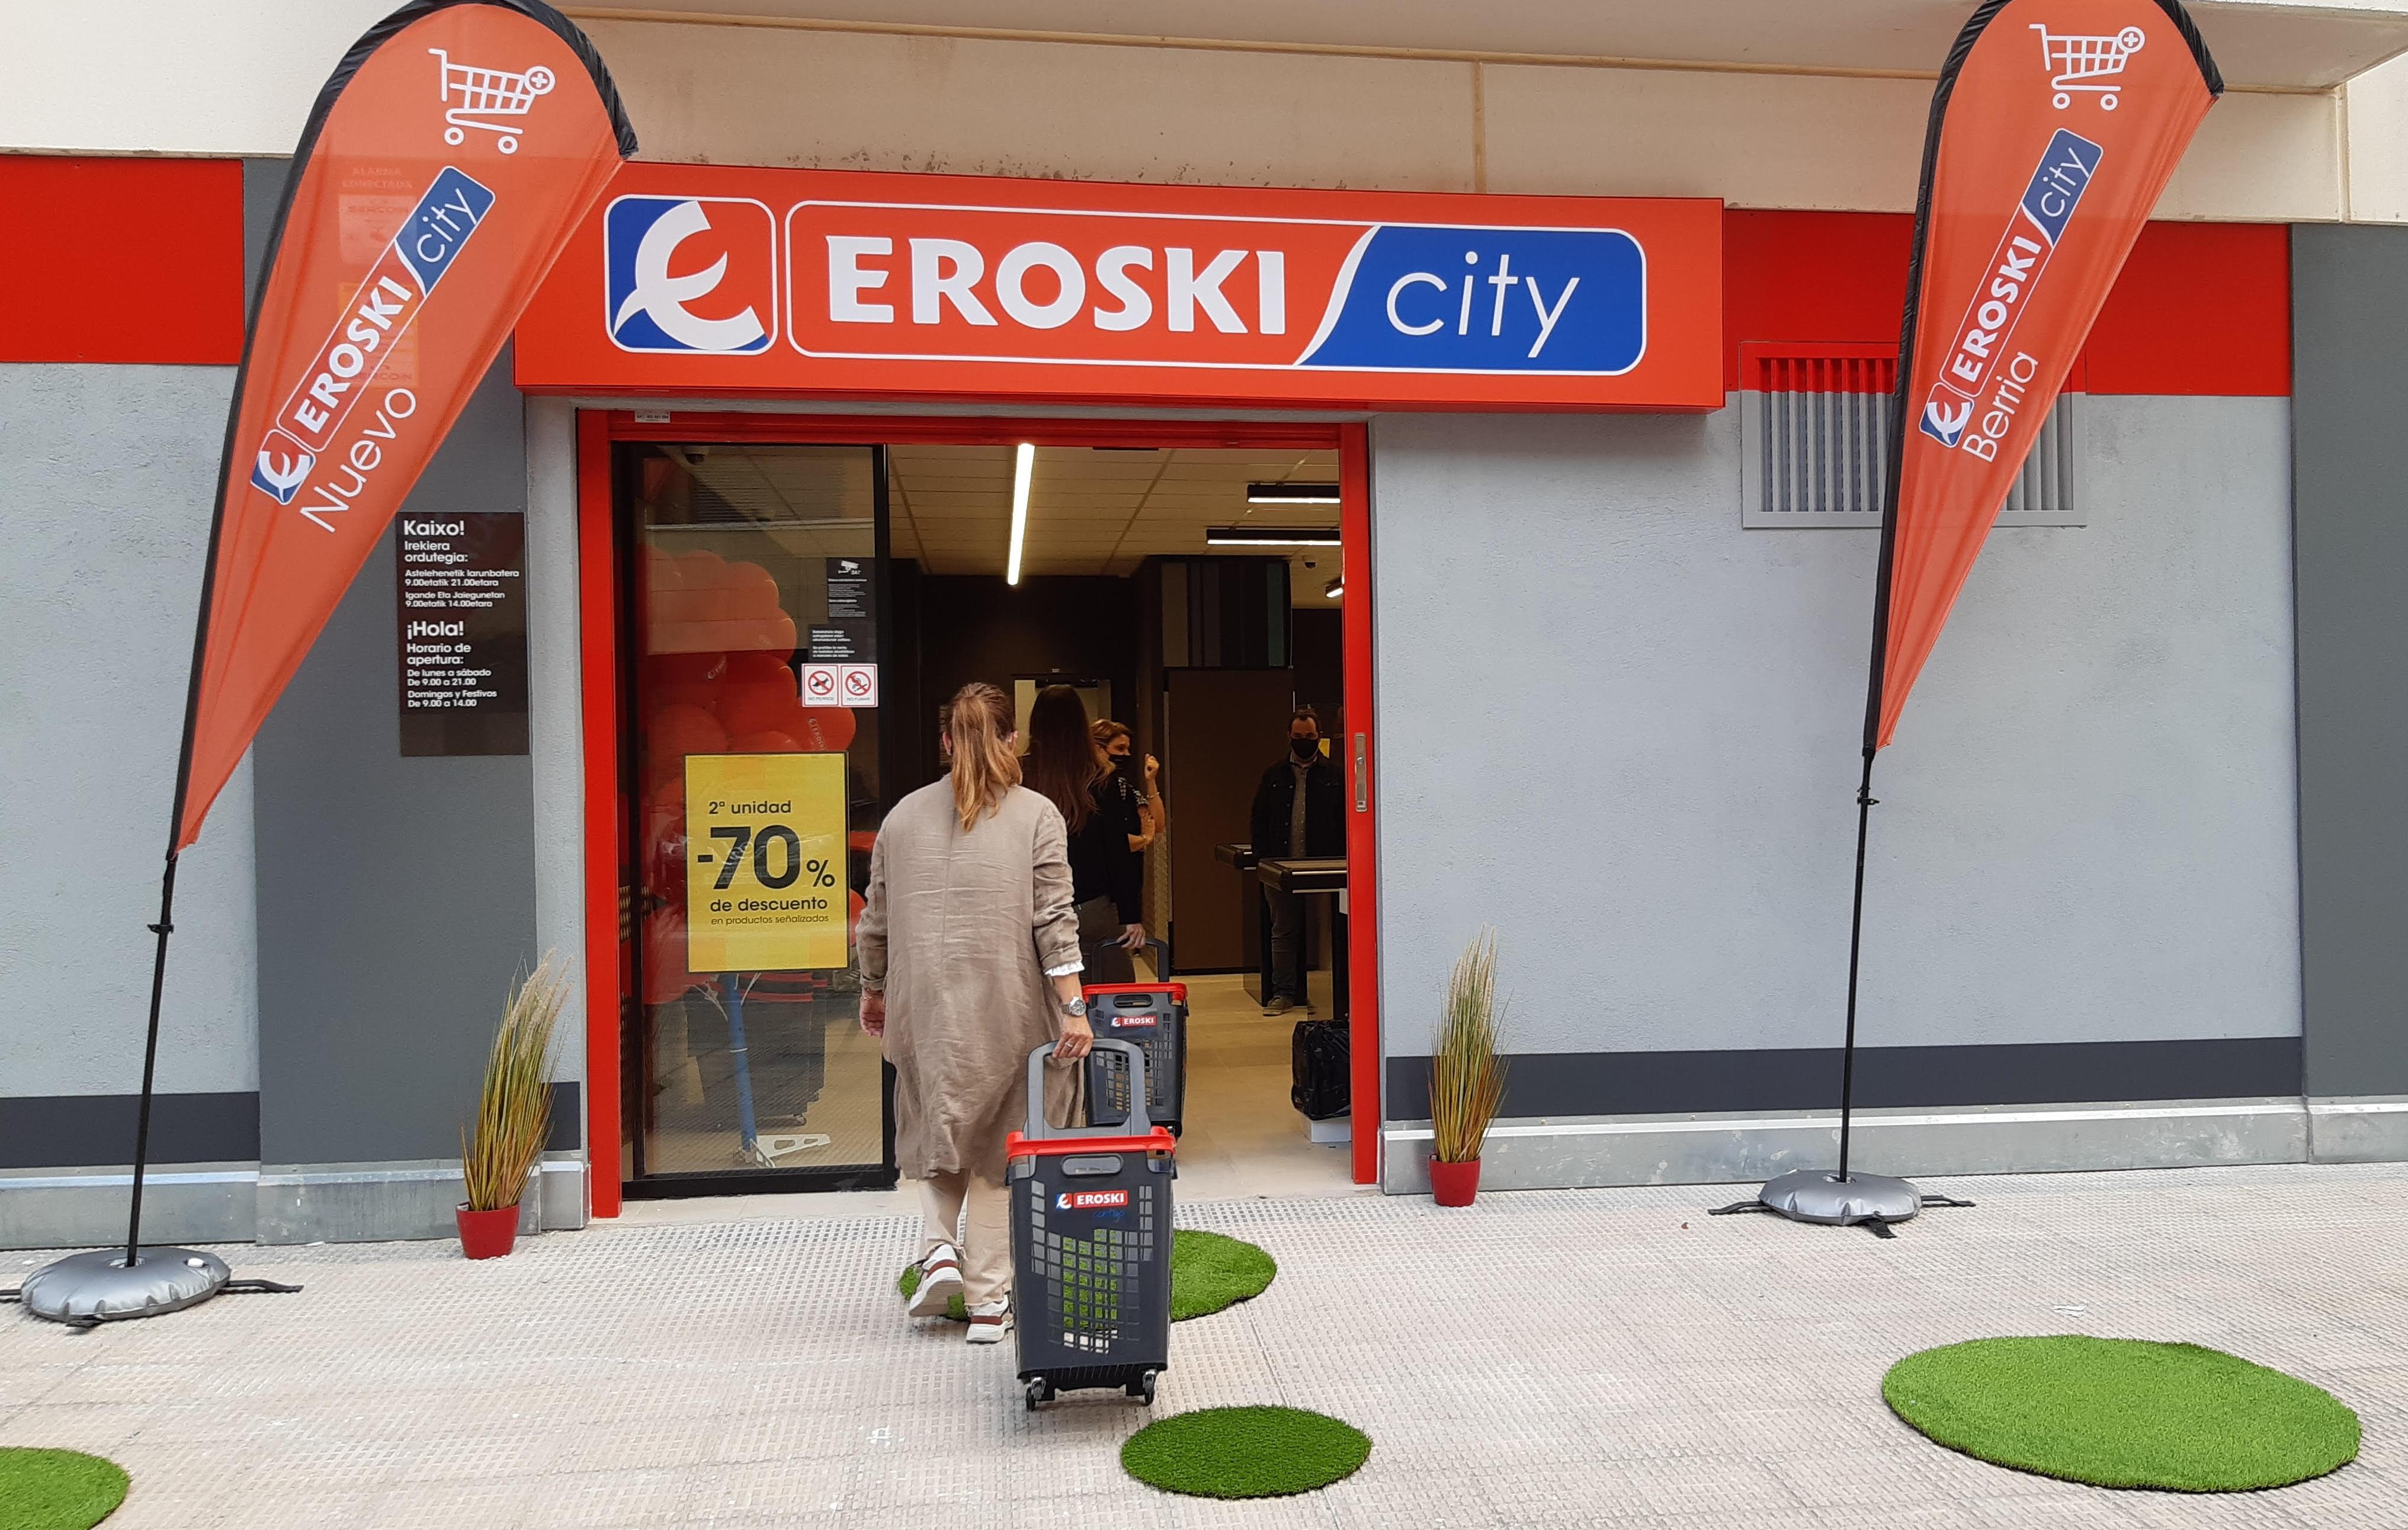 Nuevo Eroski abierto recientemente en Berriozar. EROSKI